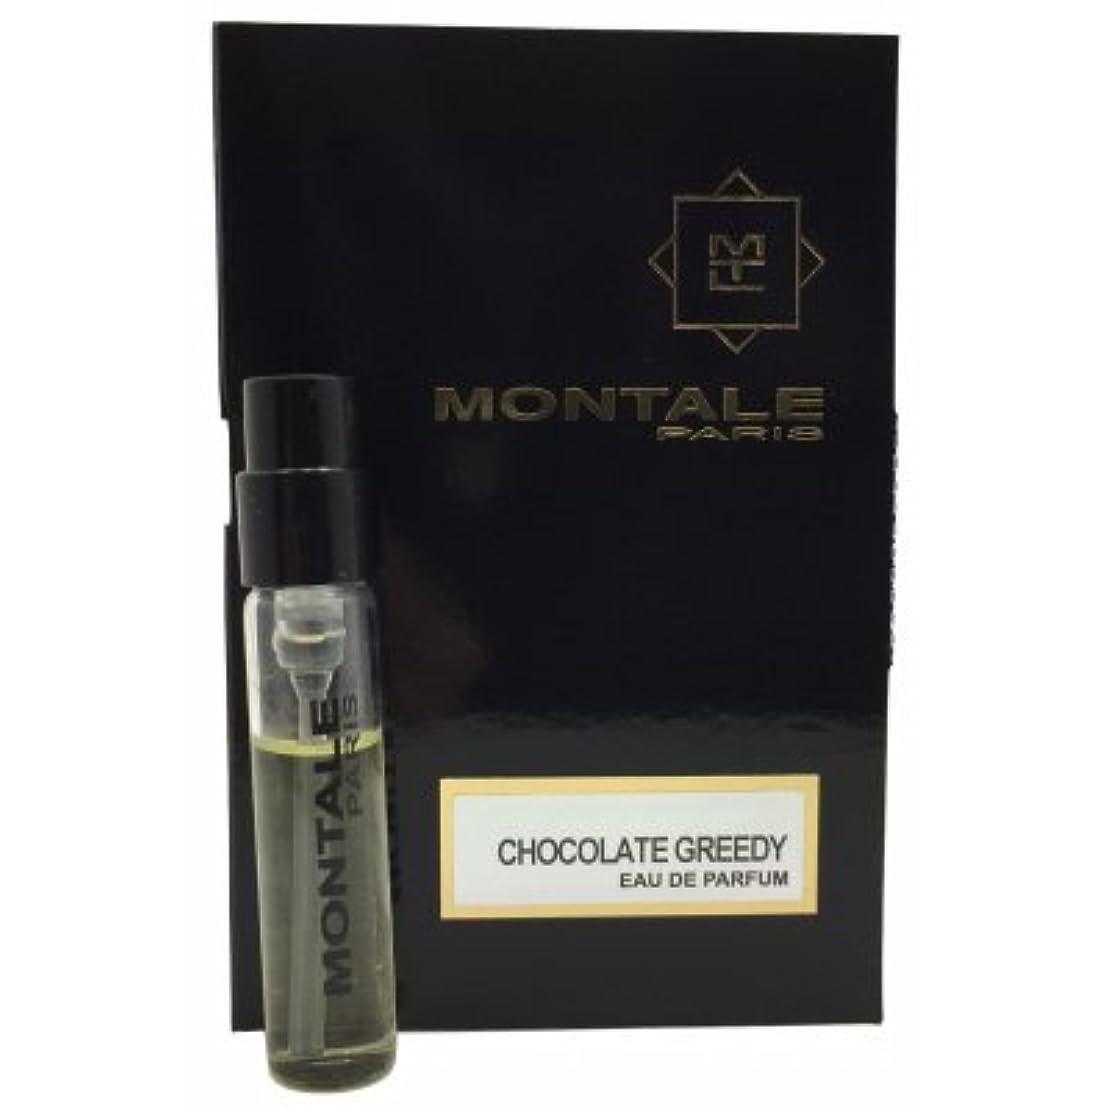 聞くテレビお母さんMontale Chocolate Greedy EDP Vial Sample 2ml(モンタル チョコレート グリーディー オードパルファン 2ml)[海外直送品] [並行輸入品]